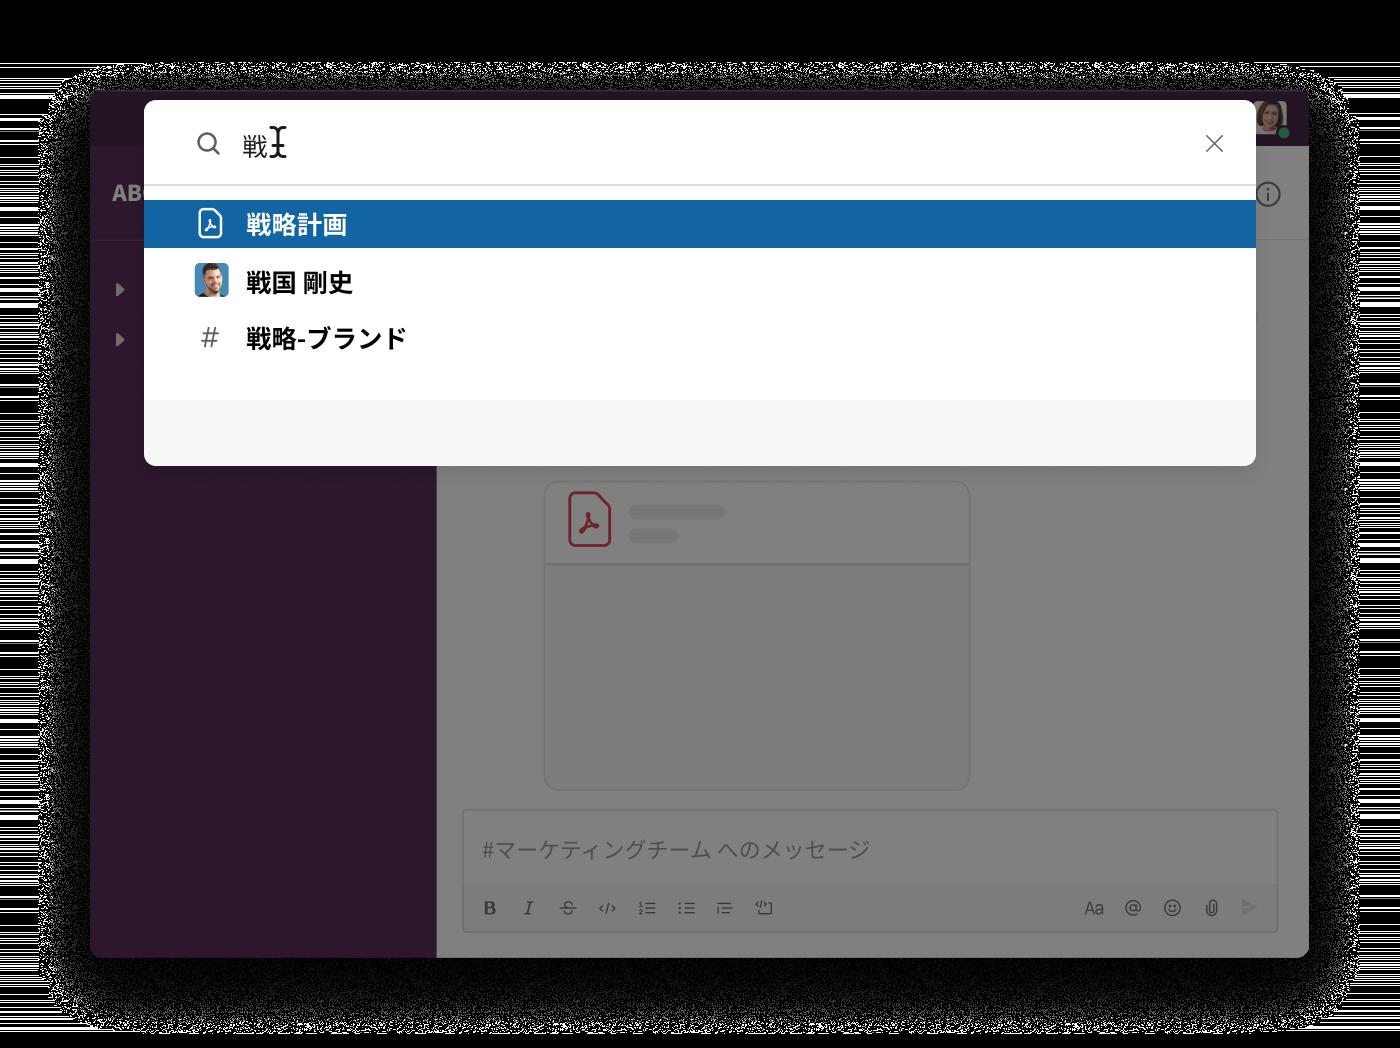 Slack の検索フィールドにクエリを入力